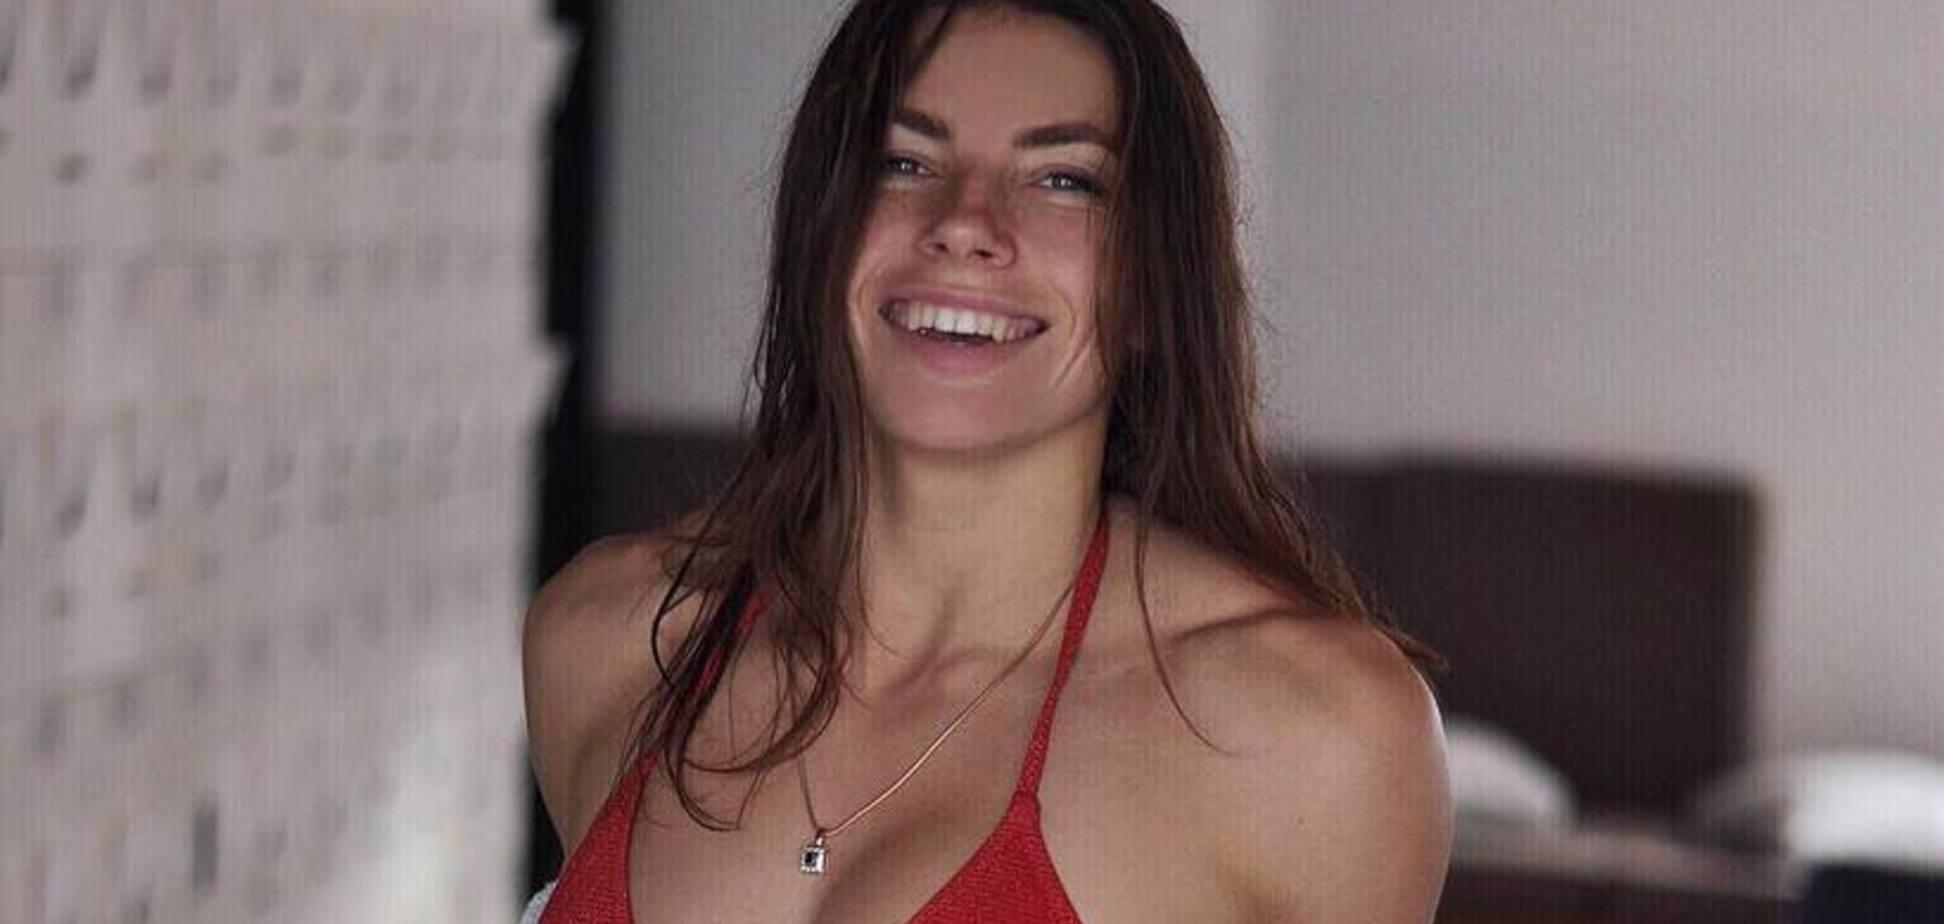 'Грех не опубликовать': звездная спортсменка из Украины снялась в откровенной фотосессии